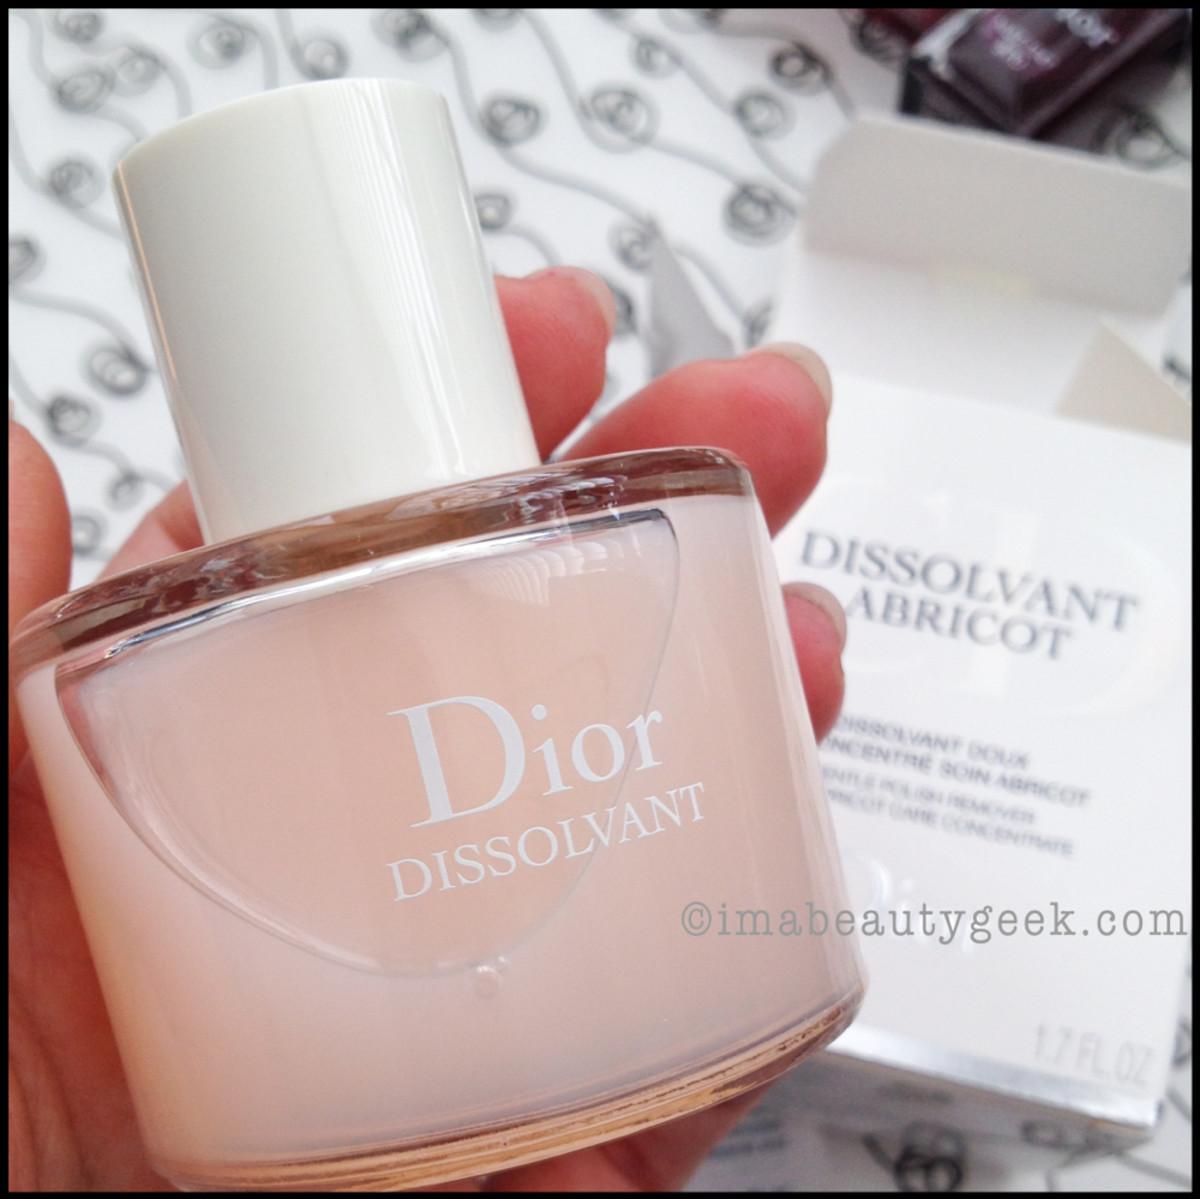 Dior polish remover_Dior Dissolvant